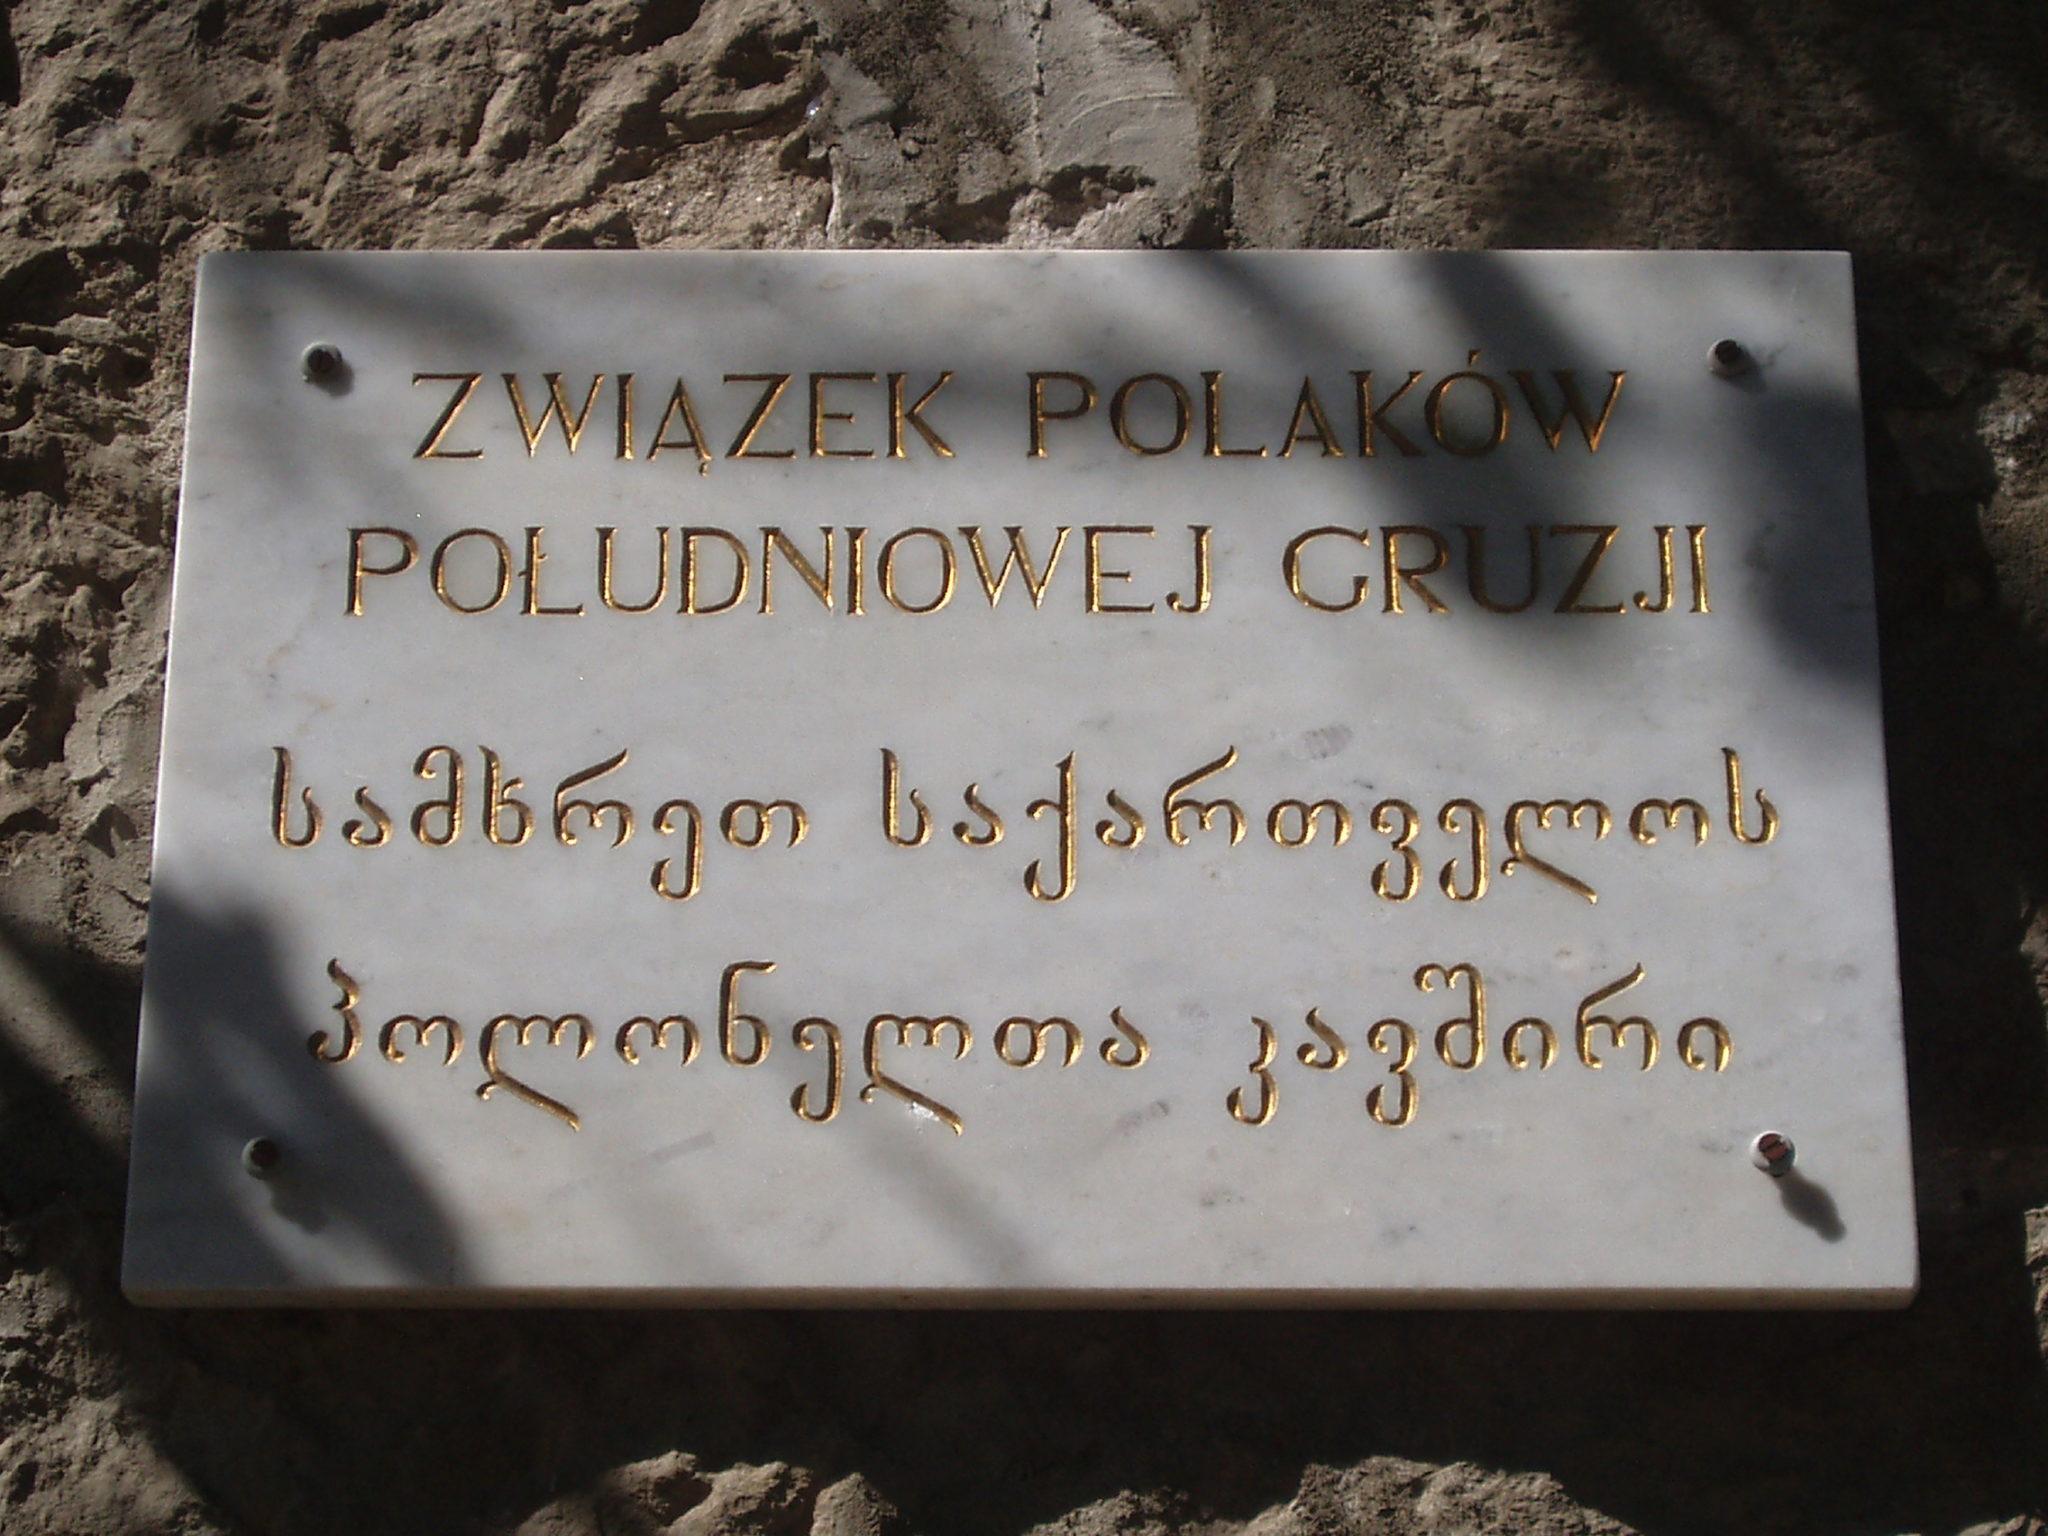 Związek Polaków Południowej Gruzji w Achalcyche